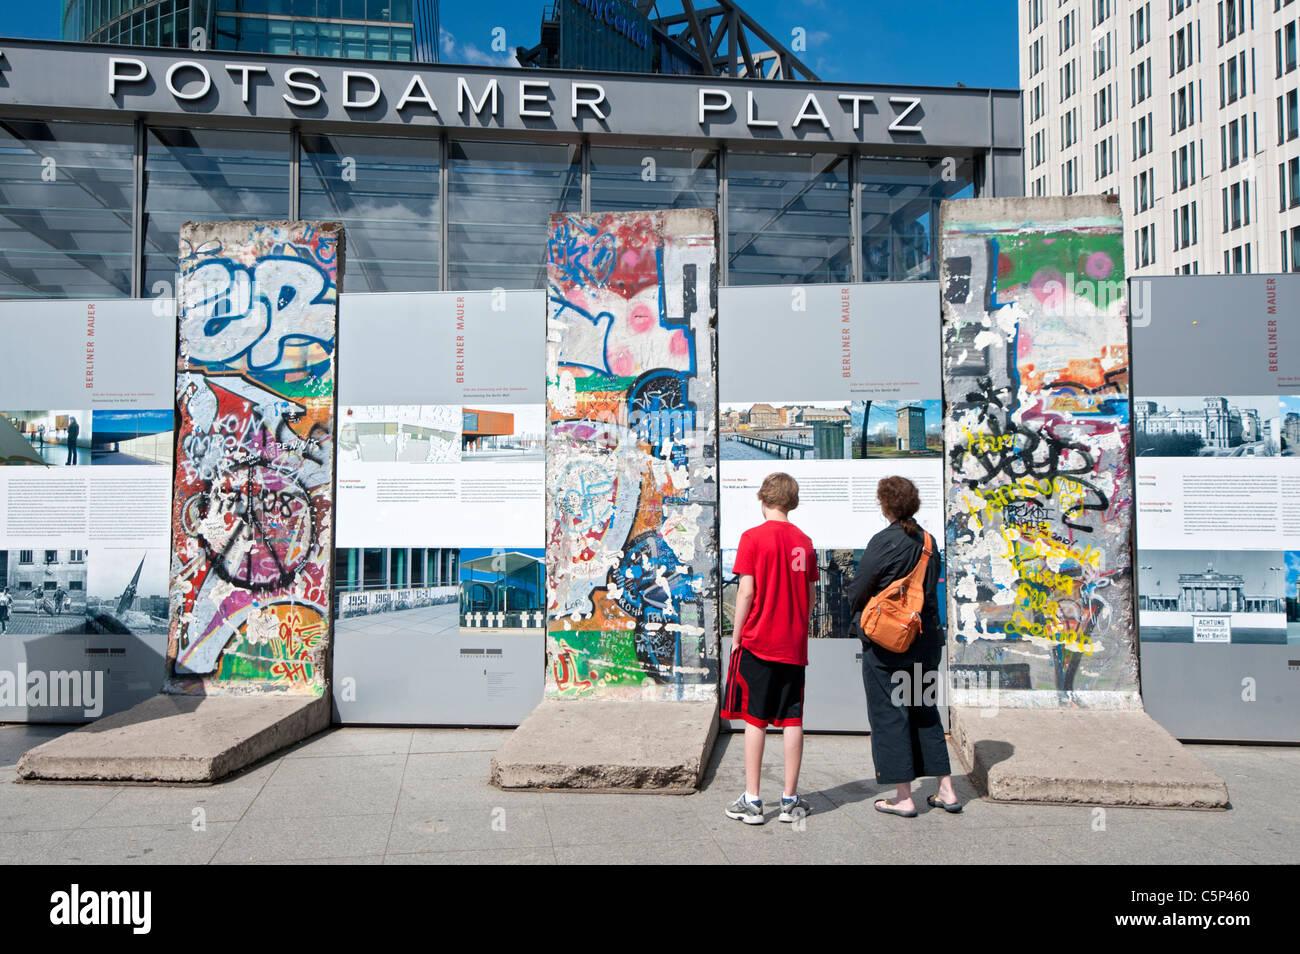 Turistas mirando secciones originales del Muro de Berlín en la Potsdamer Platz en Berlín, Alemania Imagen De Stock